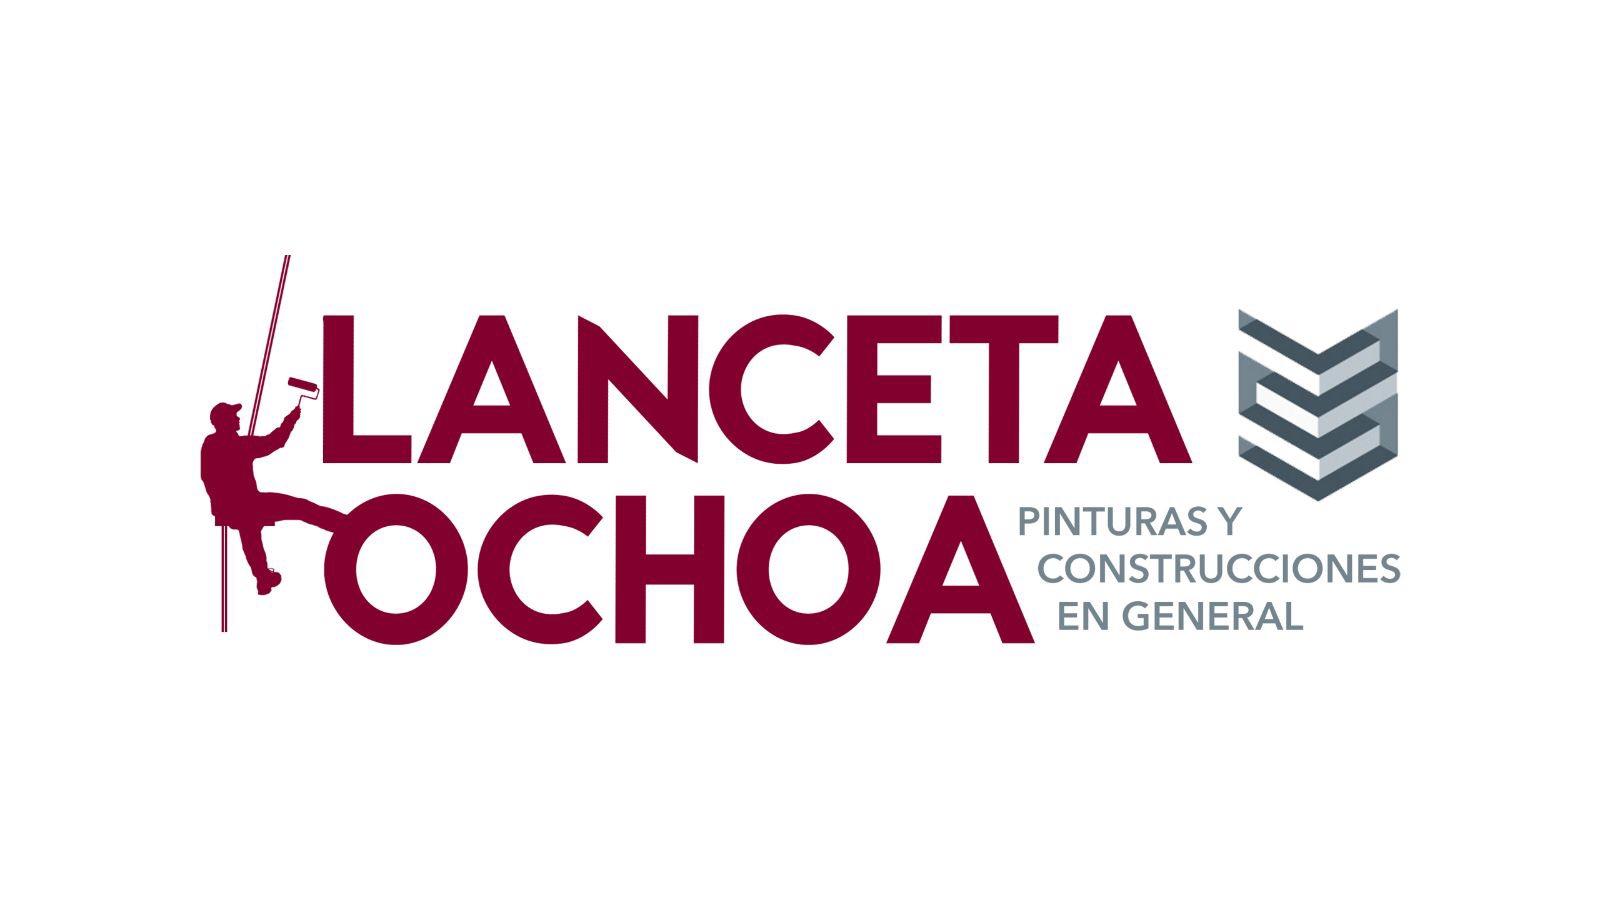 Construcciones Y Pinturas Lanceta Ochoa S.l.u